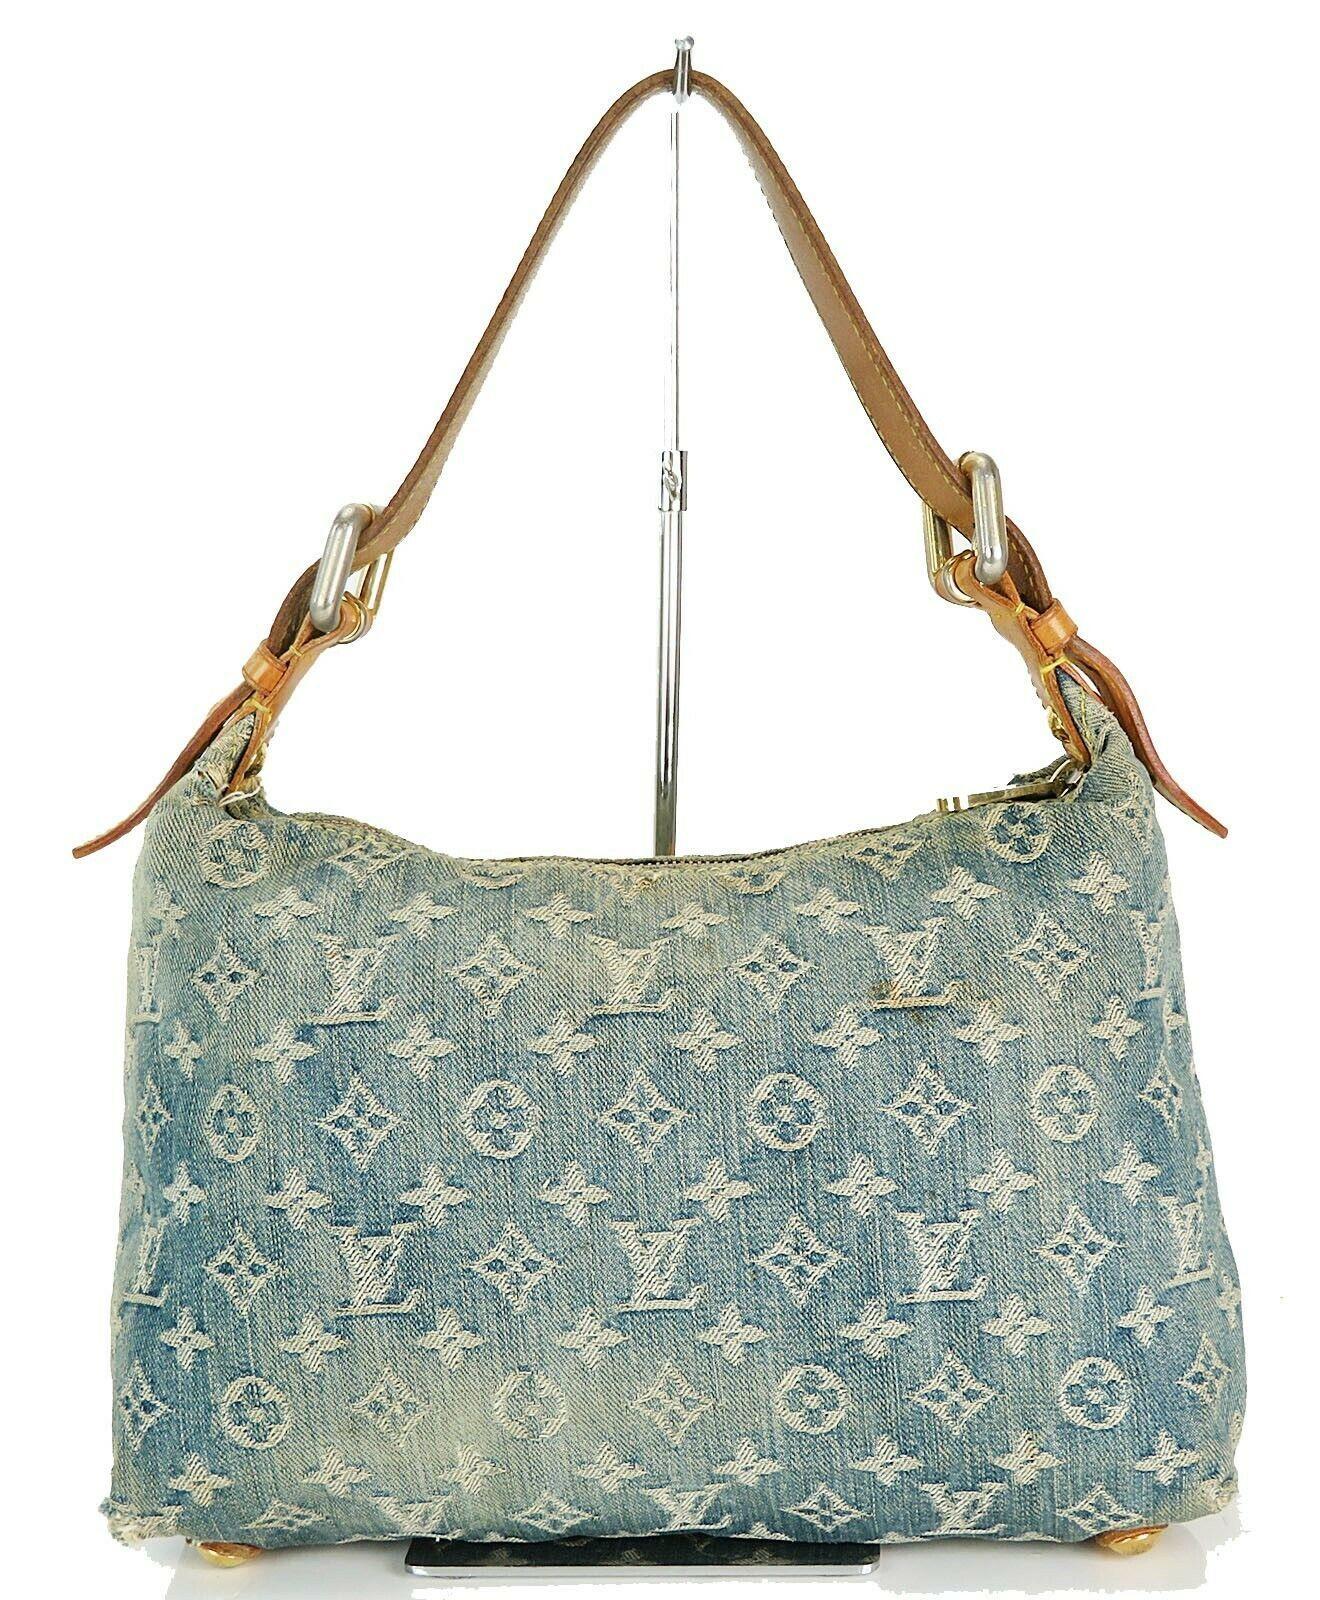 Authentic LOUIS VUITTON Baggy PM Blue Denim Shoulder Tote Bag Purse #34953 image 4